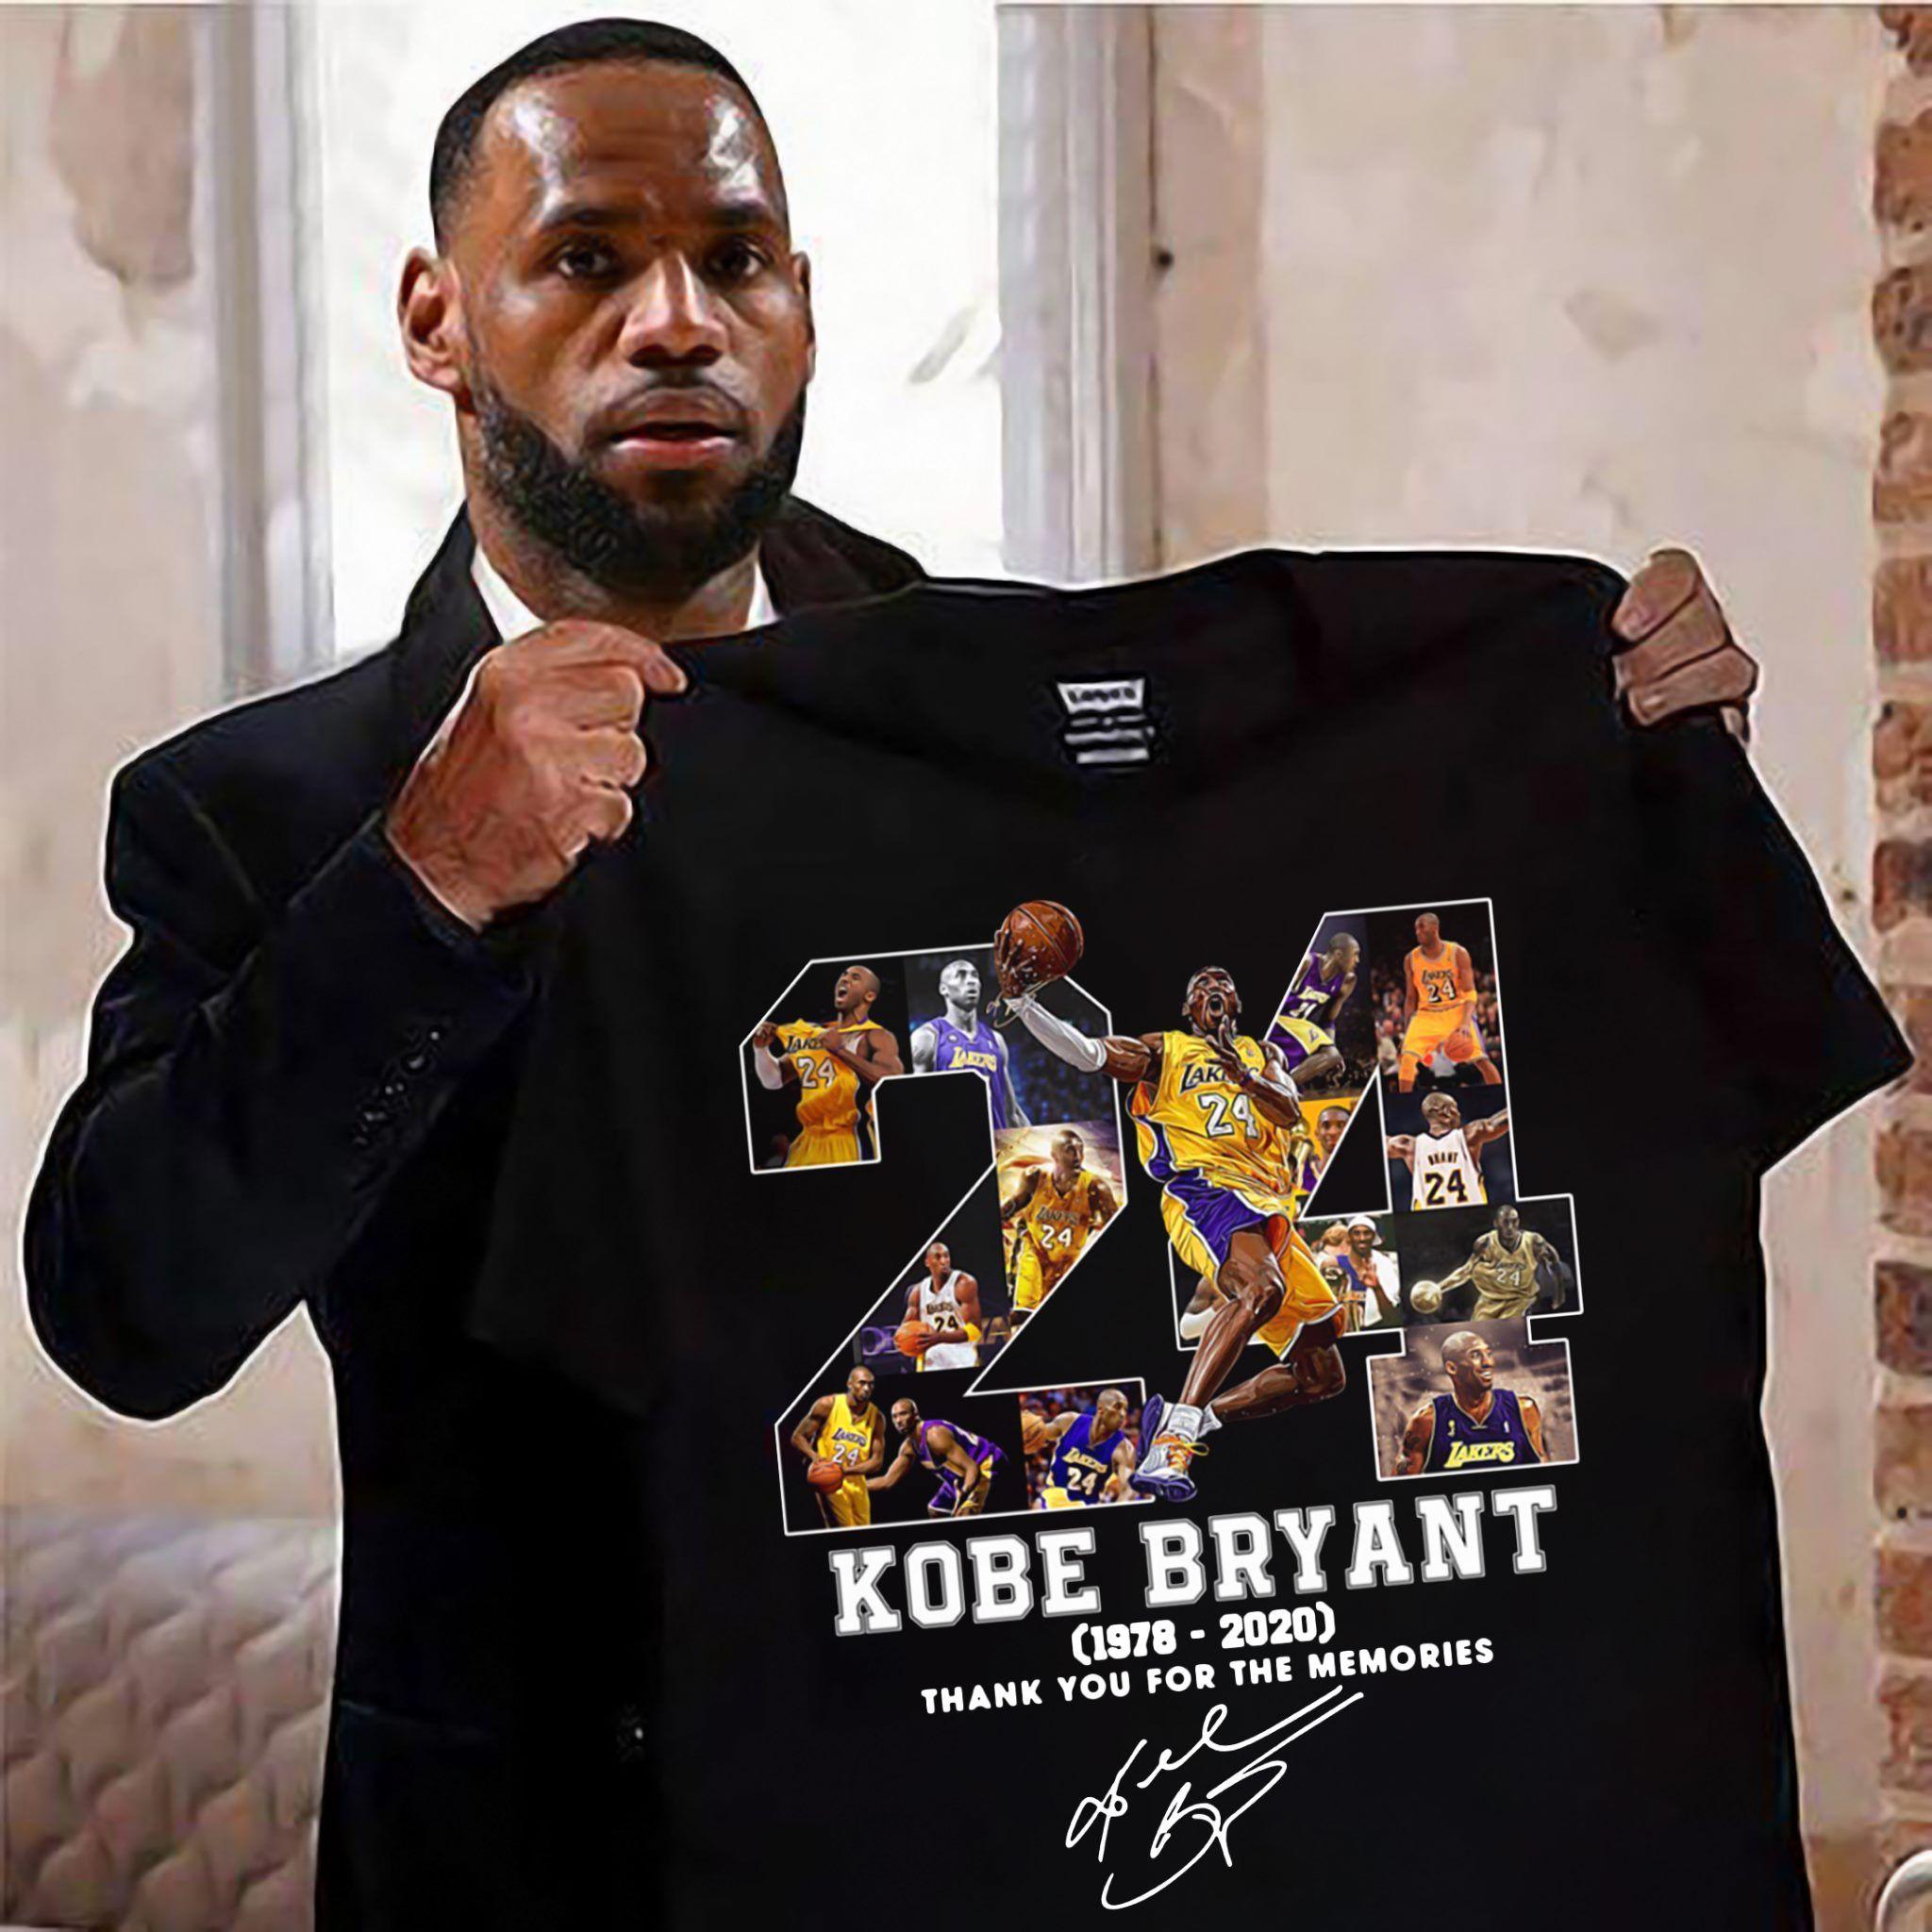 R.I.P to the legendary KOBE AND GIGI in 2020 Kobe bryant